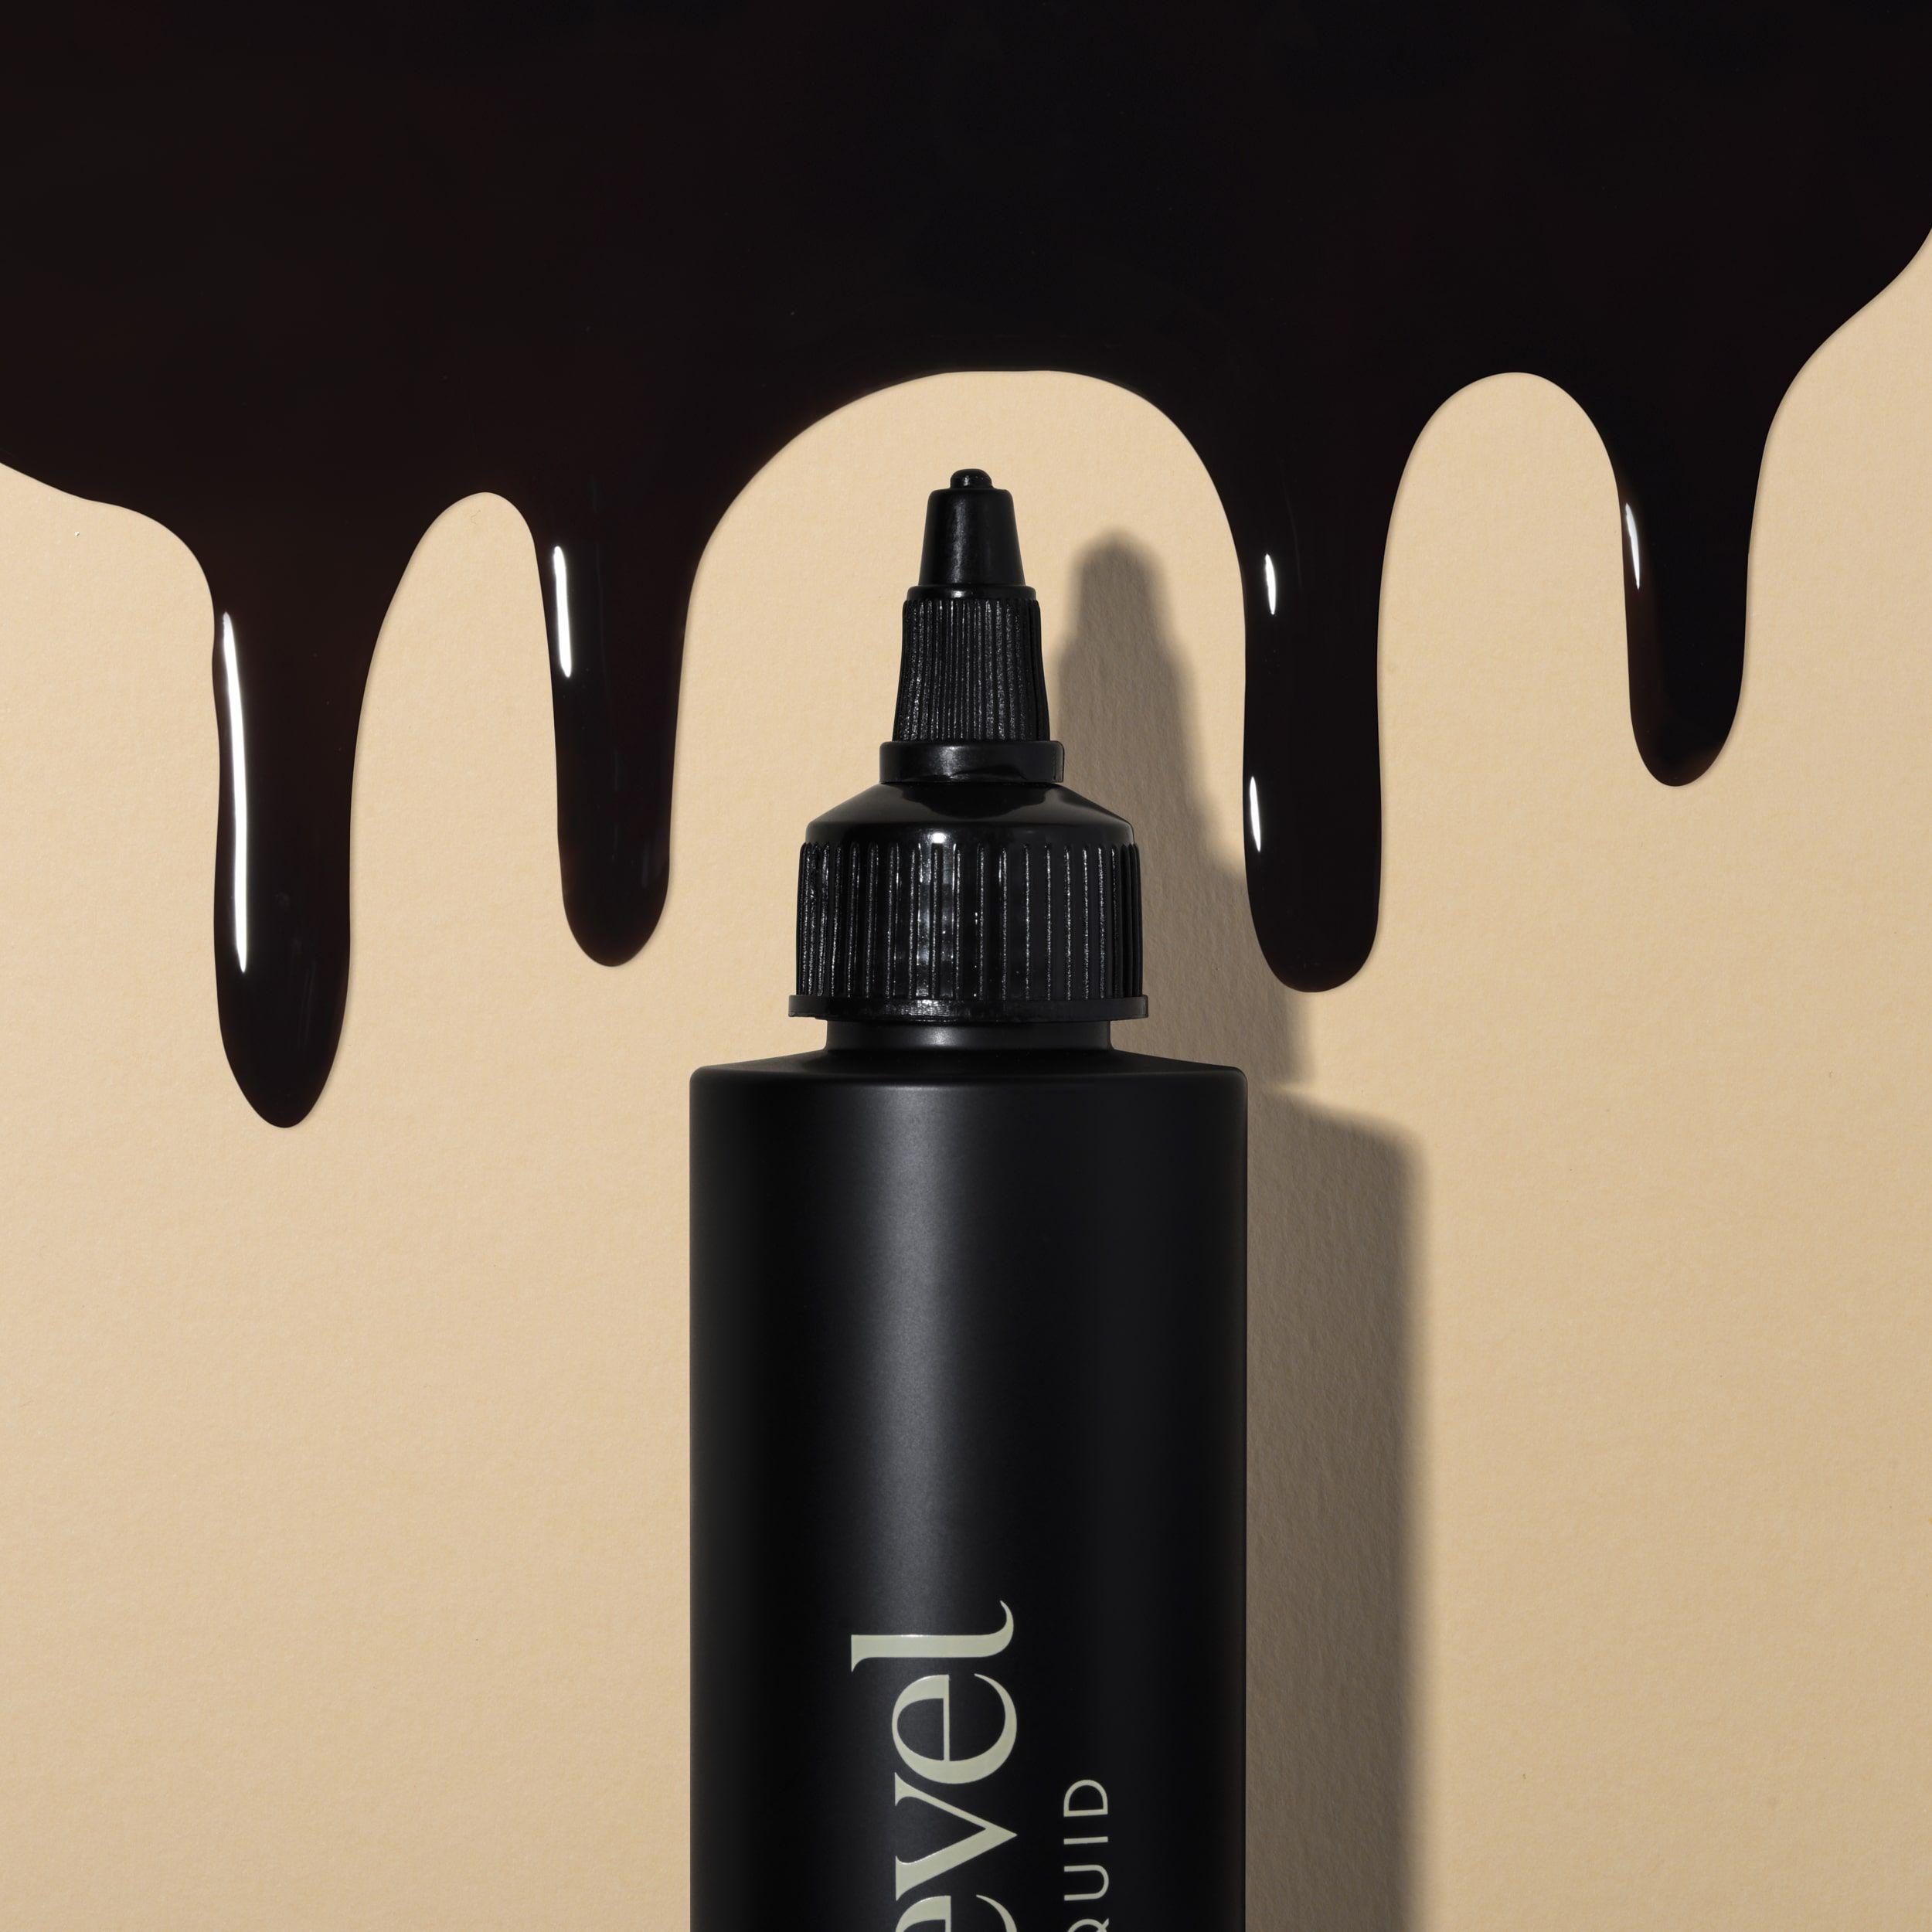 PRO Refill Luxury Dark